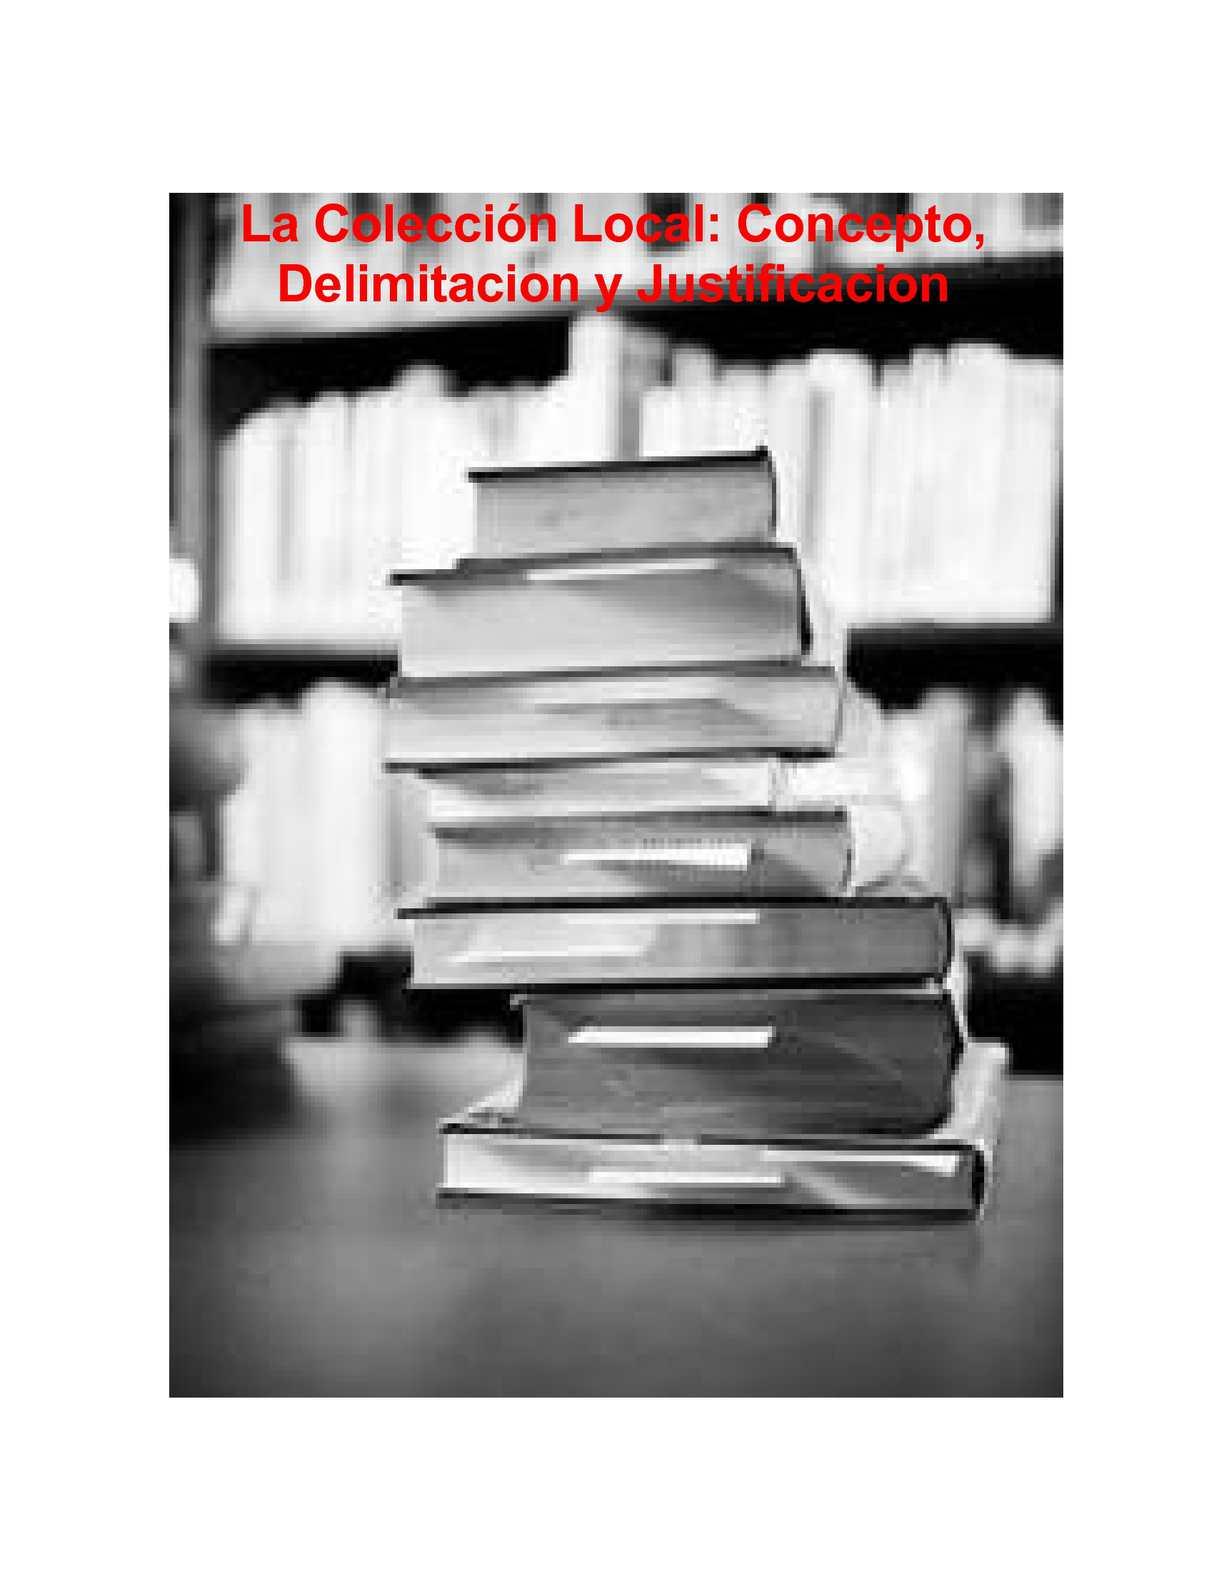 Calaméo - La Colección local  Concepto 86a8a189bea